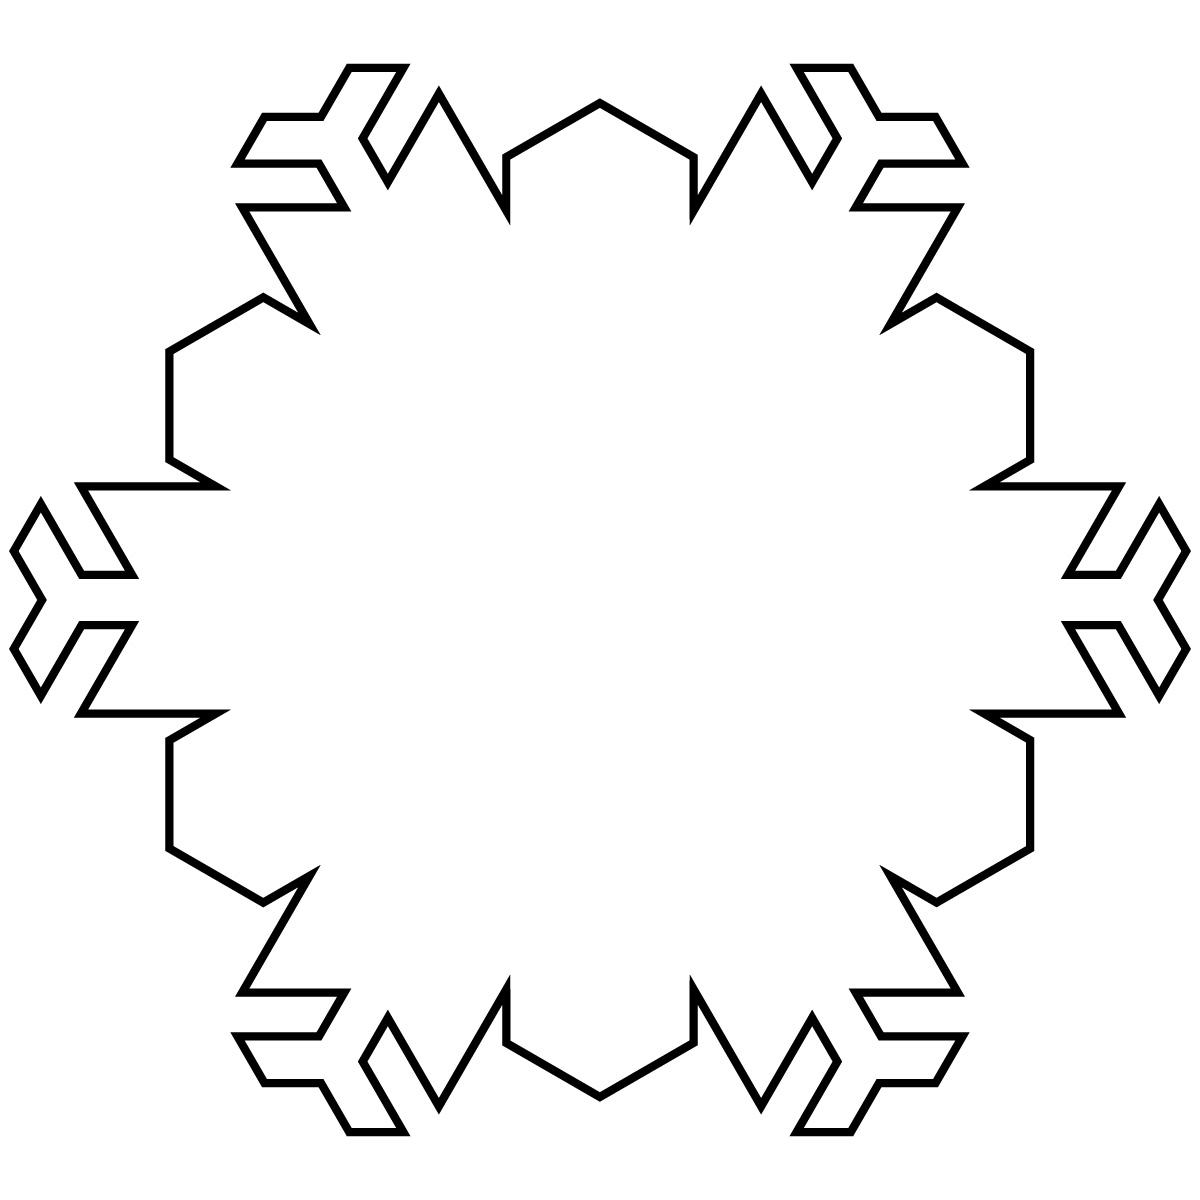 Snowflakes Black And White